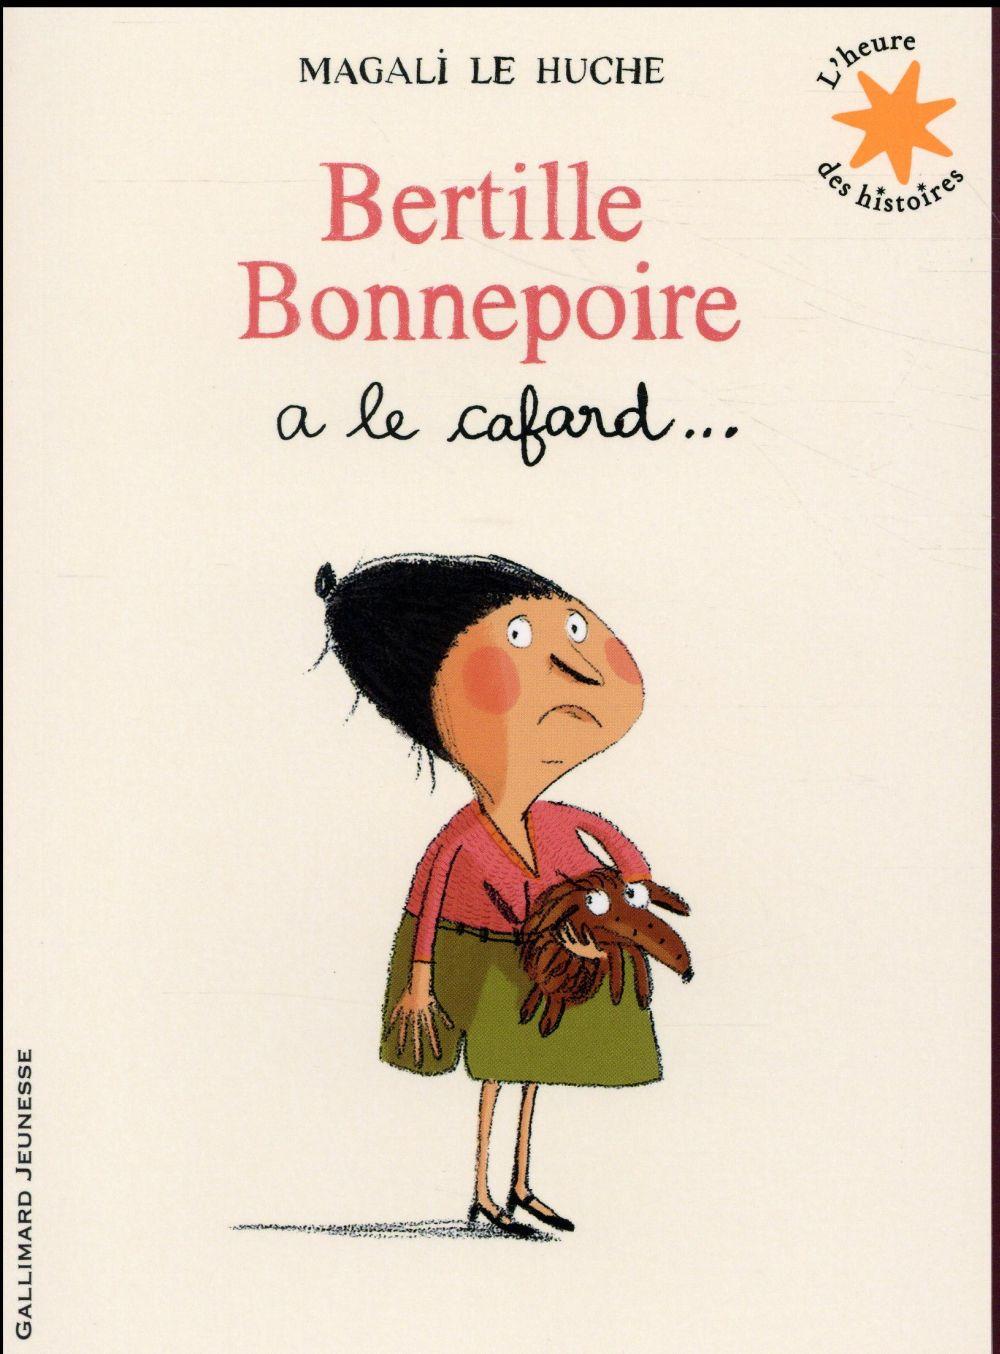 Bertille Bonnepoire a le cafard...